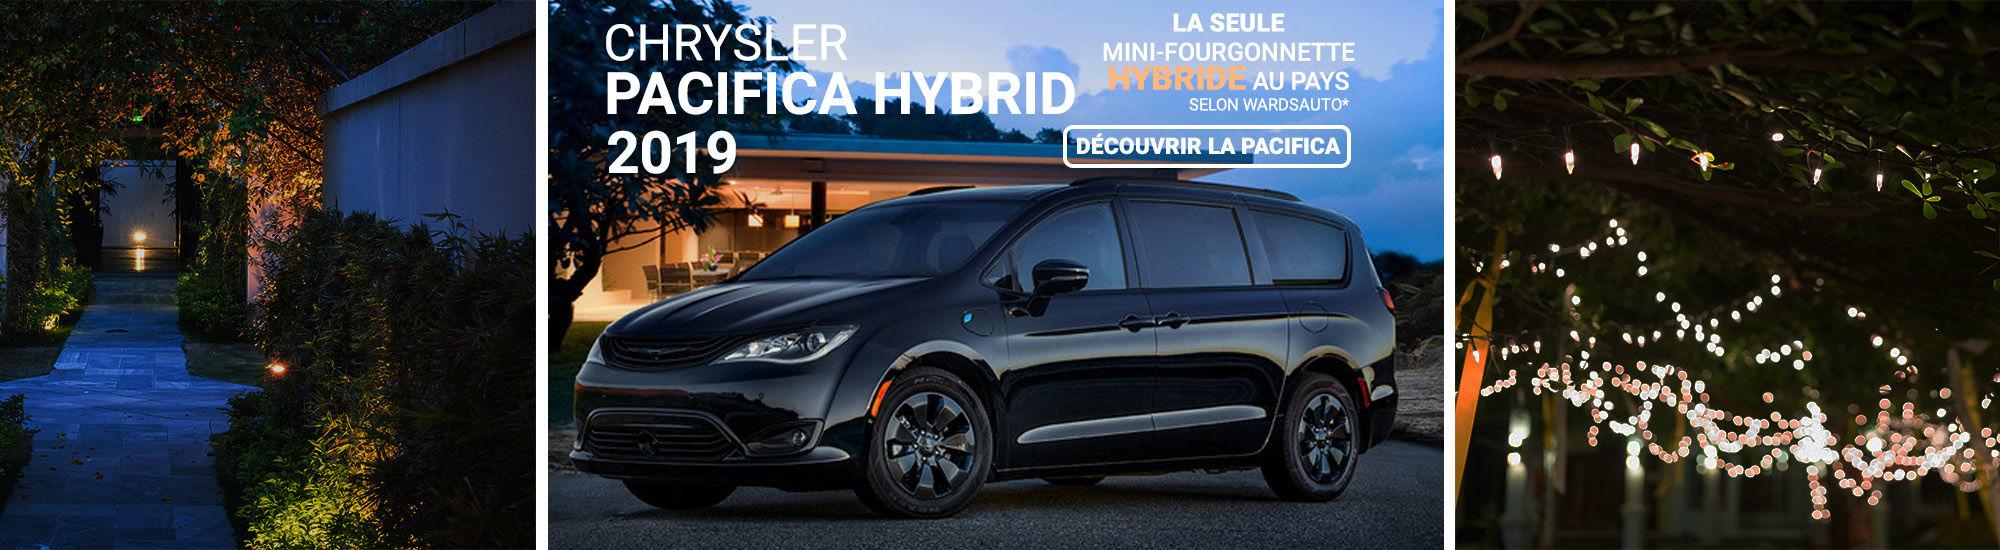 Chrysler Pacifica Hybrid 2019